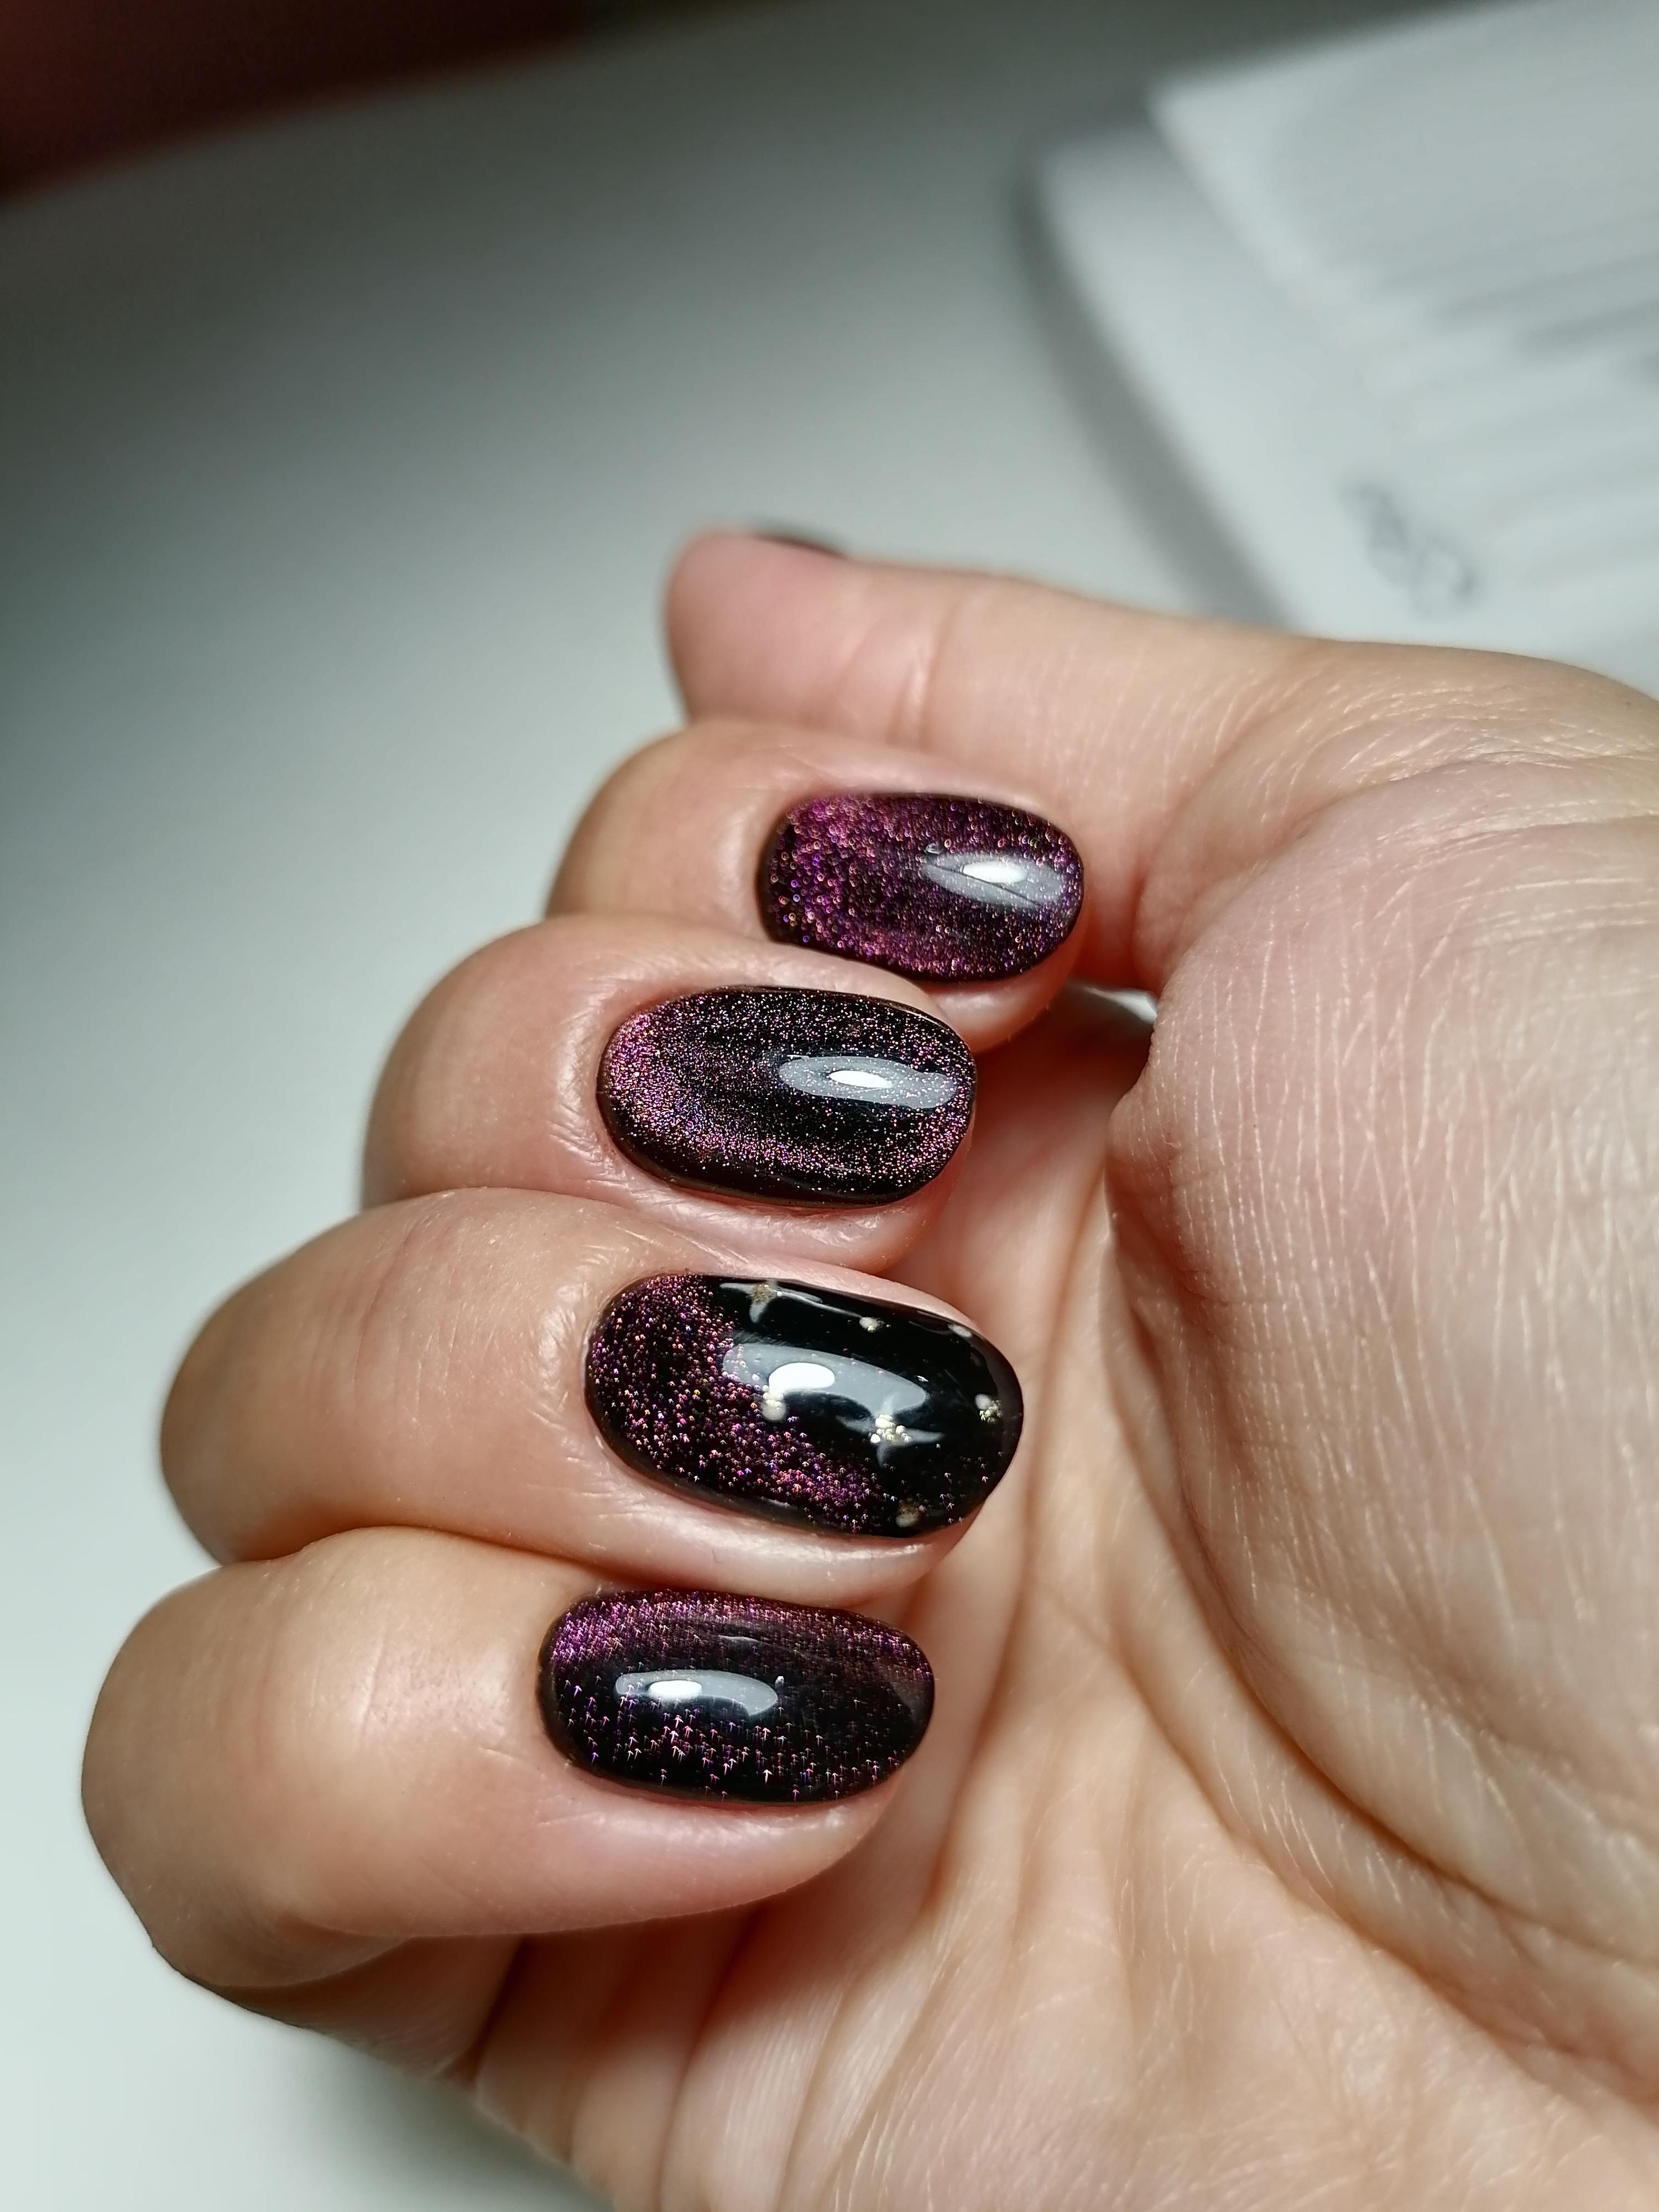 Маникюр с эффектом кошачий глаз в черном цвете на короткие ногти.